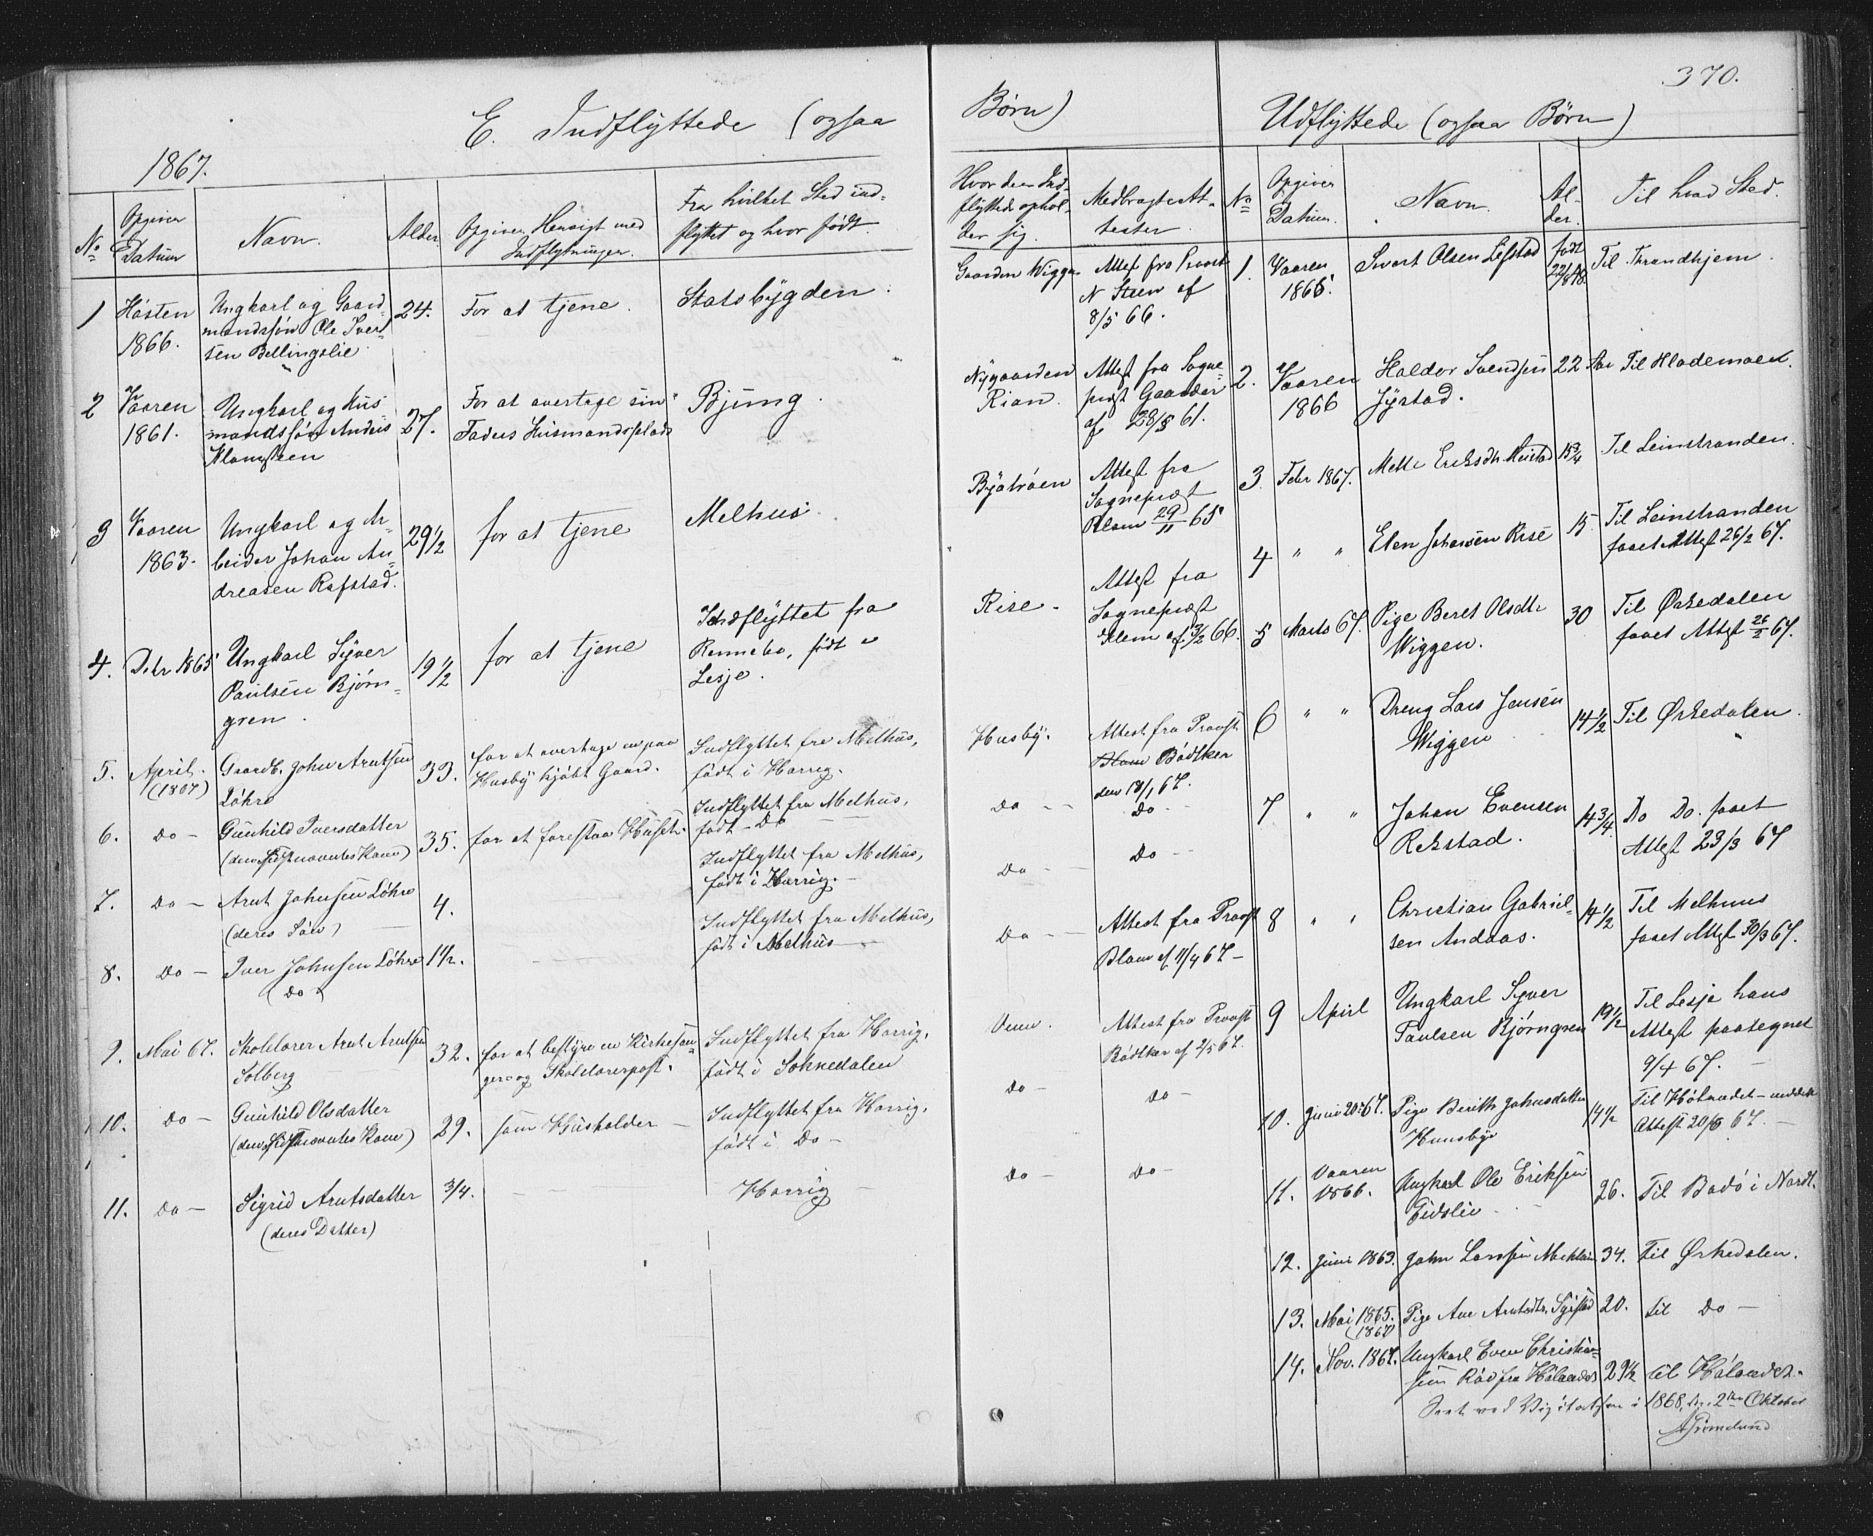 SAT, Ministerialprotokoller, klokkerbøker og fødselsregistre - Sør-Trøndelag, 667/L0798: Klokkerbok nr. 667C03, 1867-1929, s. 370